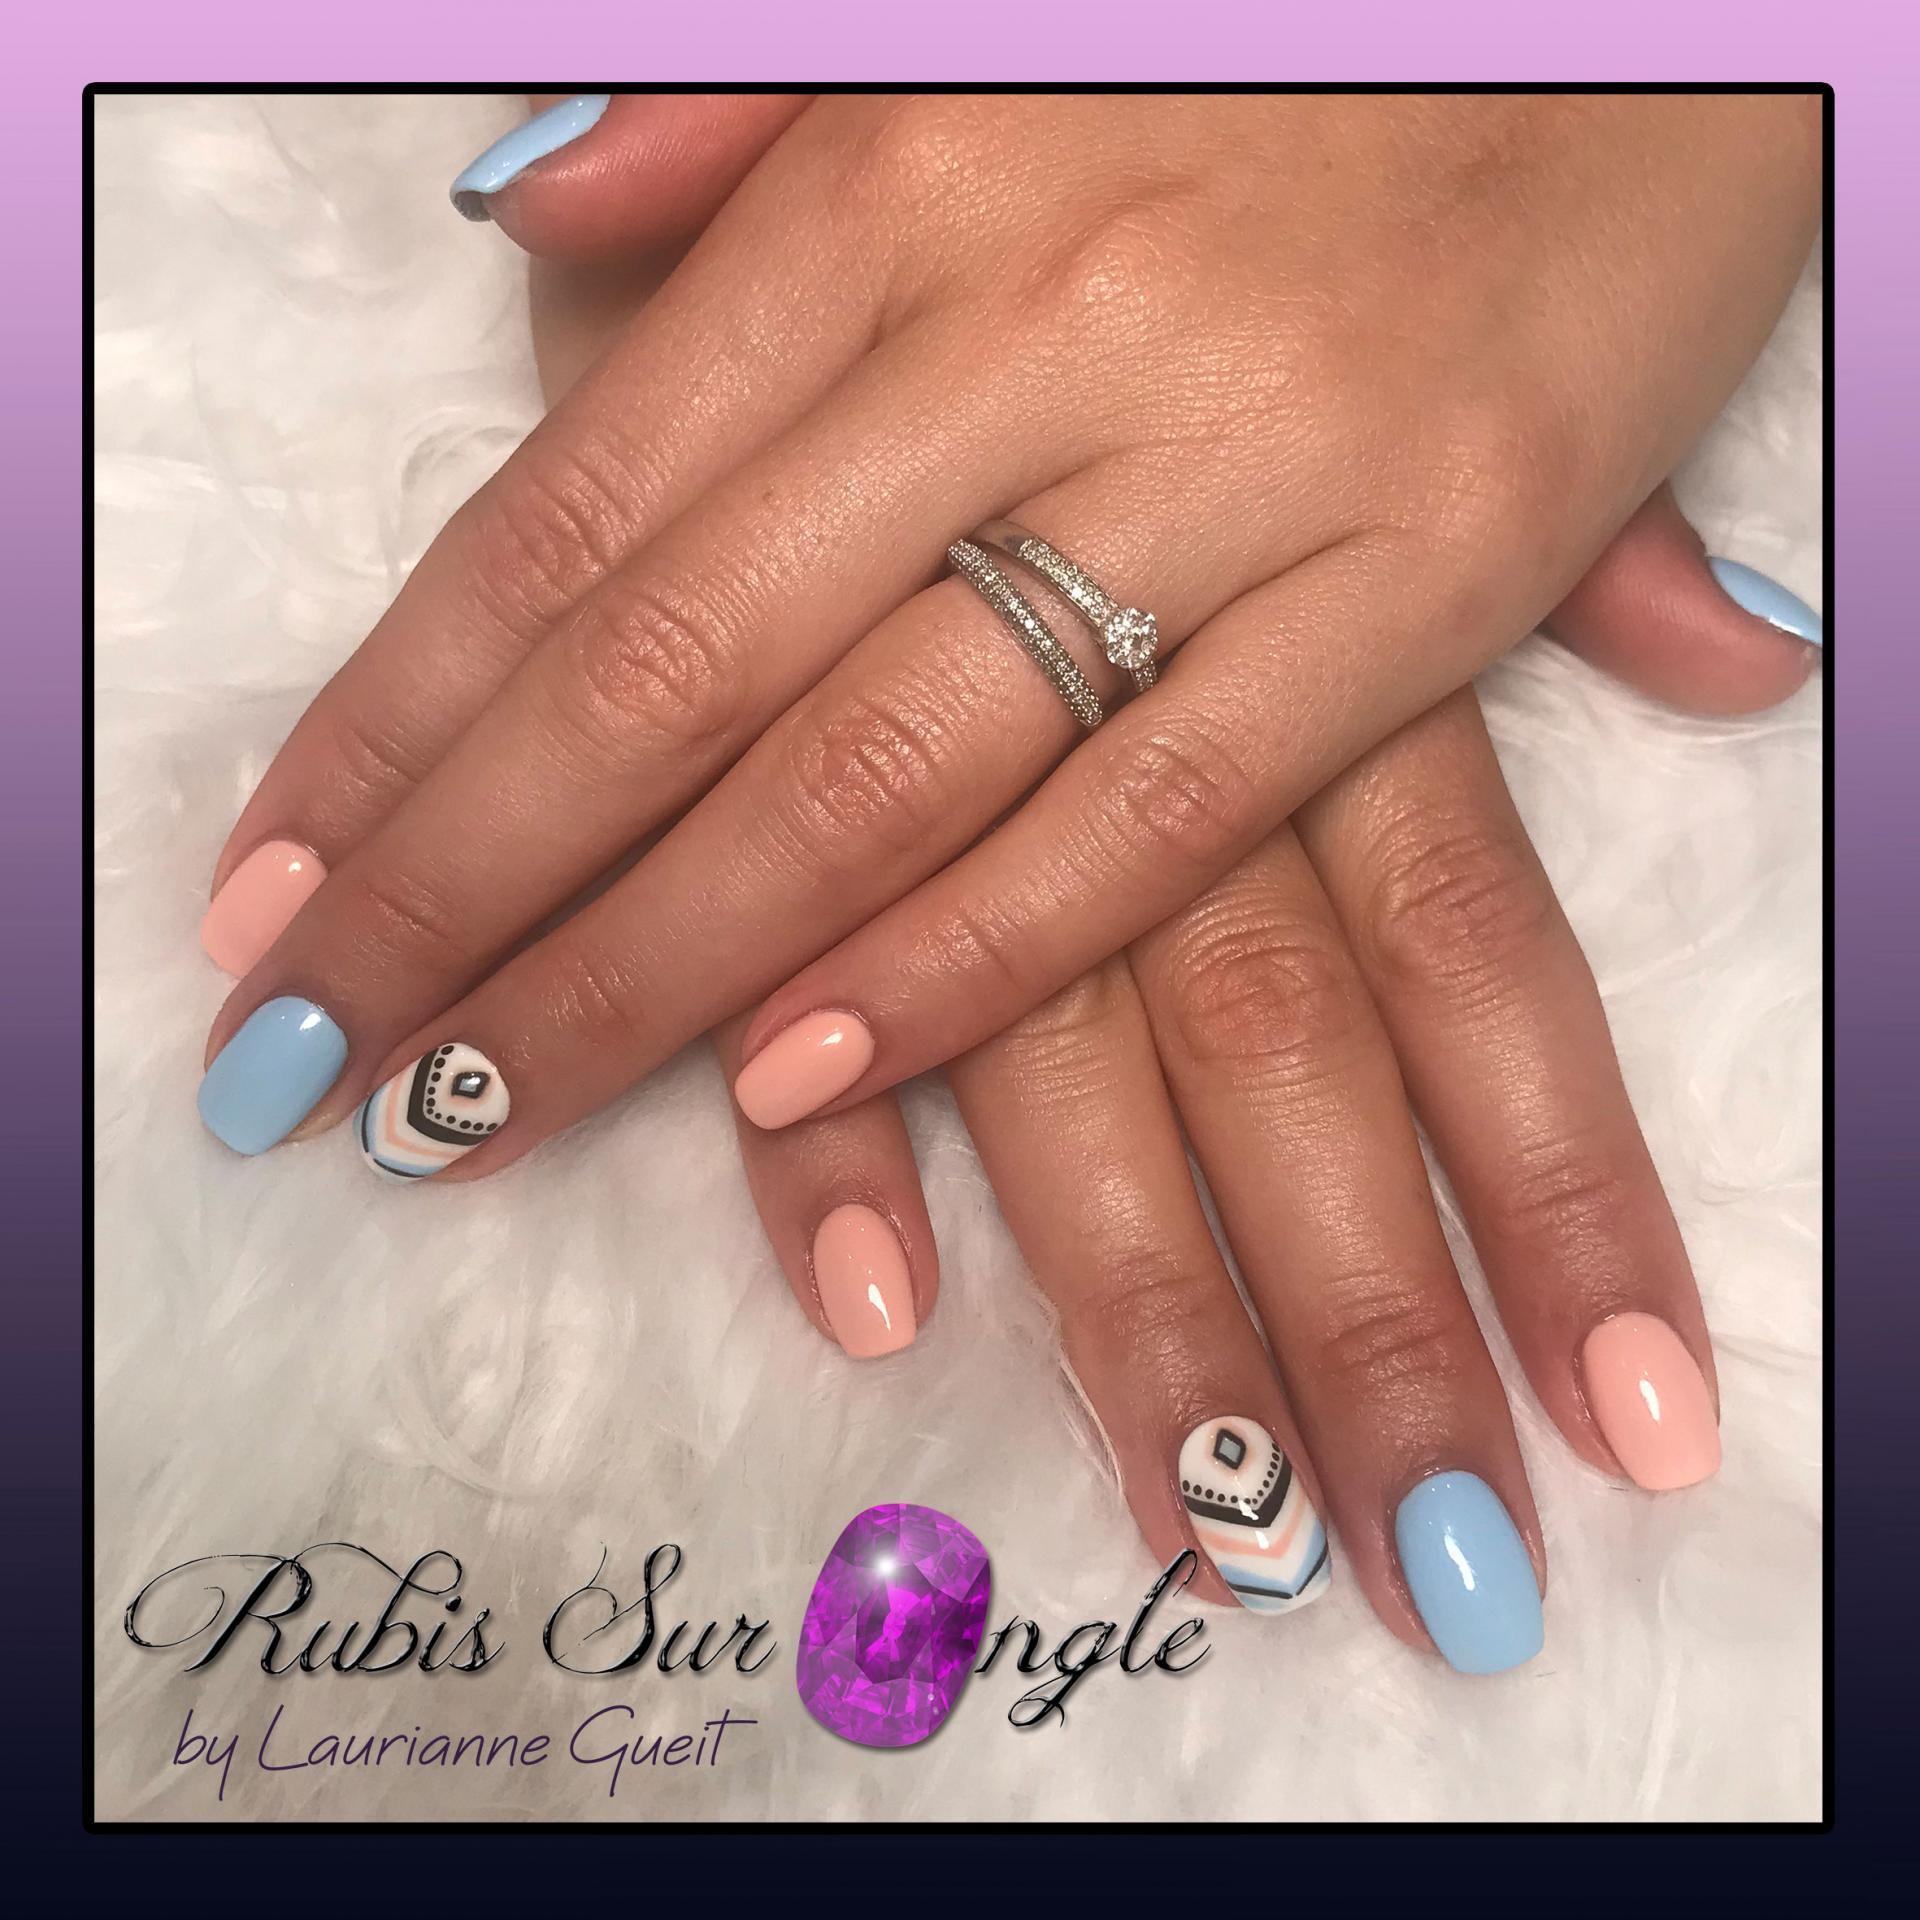 Rubis-Sur-Ongle-Nail-Art-Bleu-Rose-Pastel